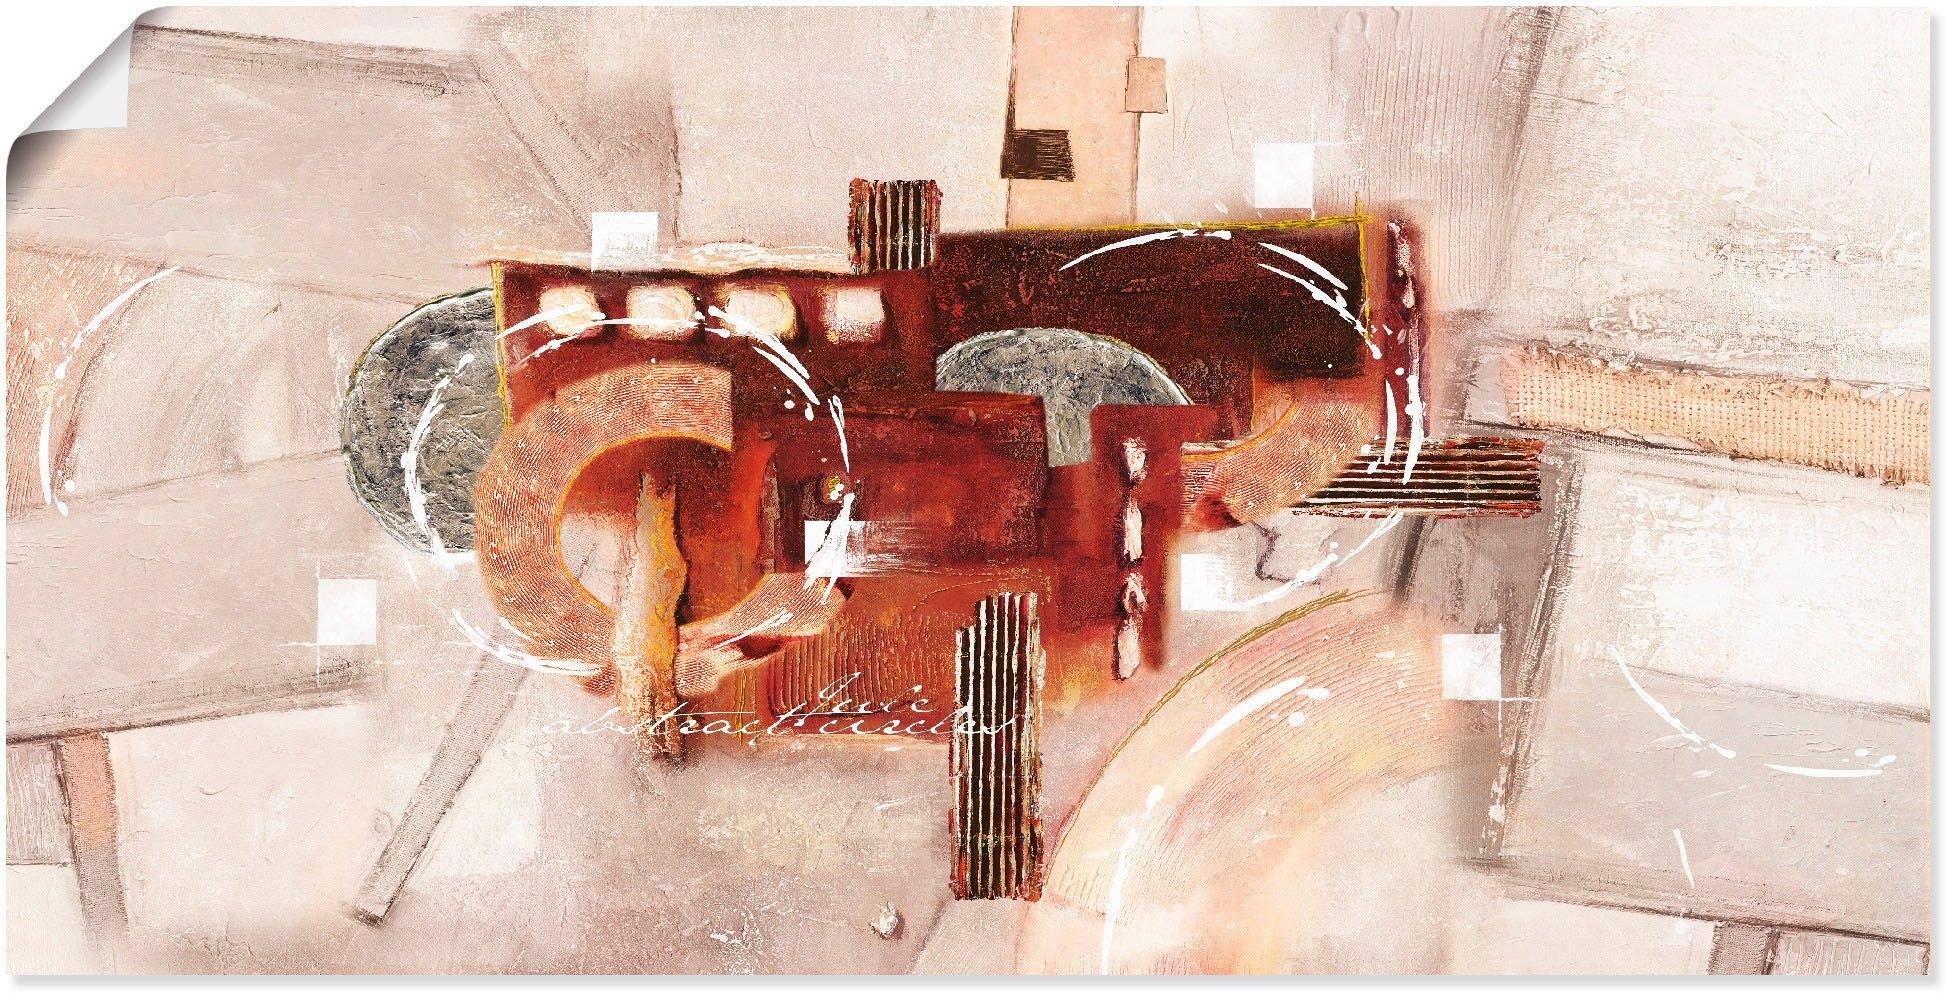 Artland artprint Abstracte rondjes in vele afmetingen & productsoorten - artprint van aluminium / artprint voor buiten, artprint op linnen, poster, muursticker / wandfolie ook geschikt voor de badkamer (1 stuk) bestellen: 30 dagen bedenktijd